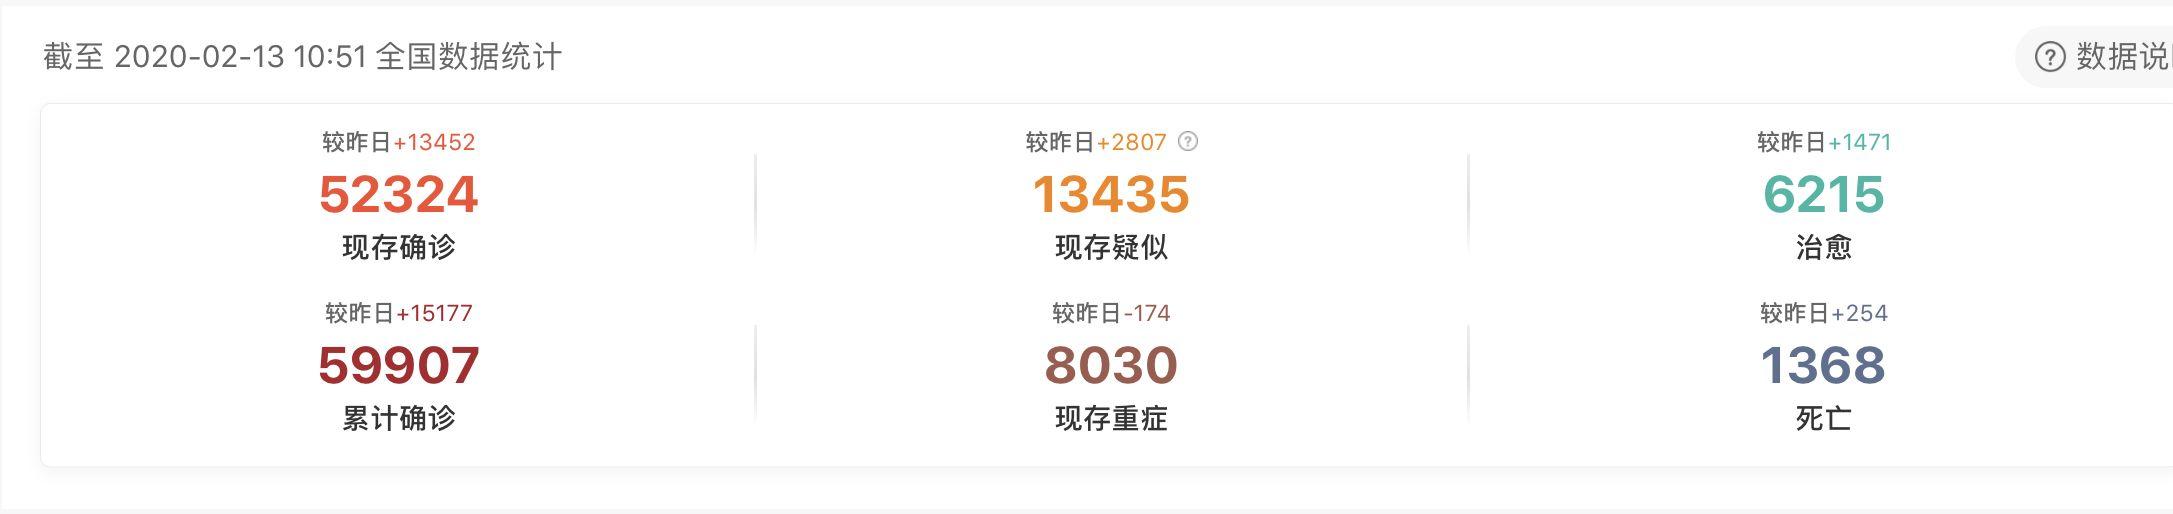 疫情更新:中国昨日确诊人数激增1.5万,是之前的10倍,日本出现第一例死亡